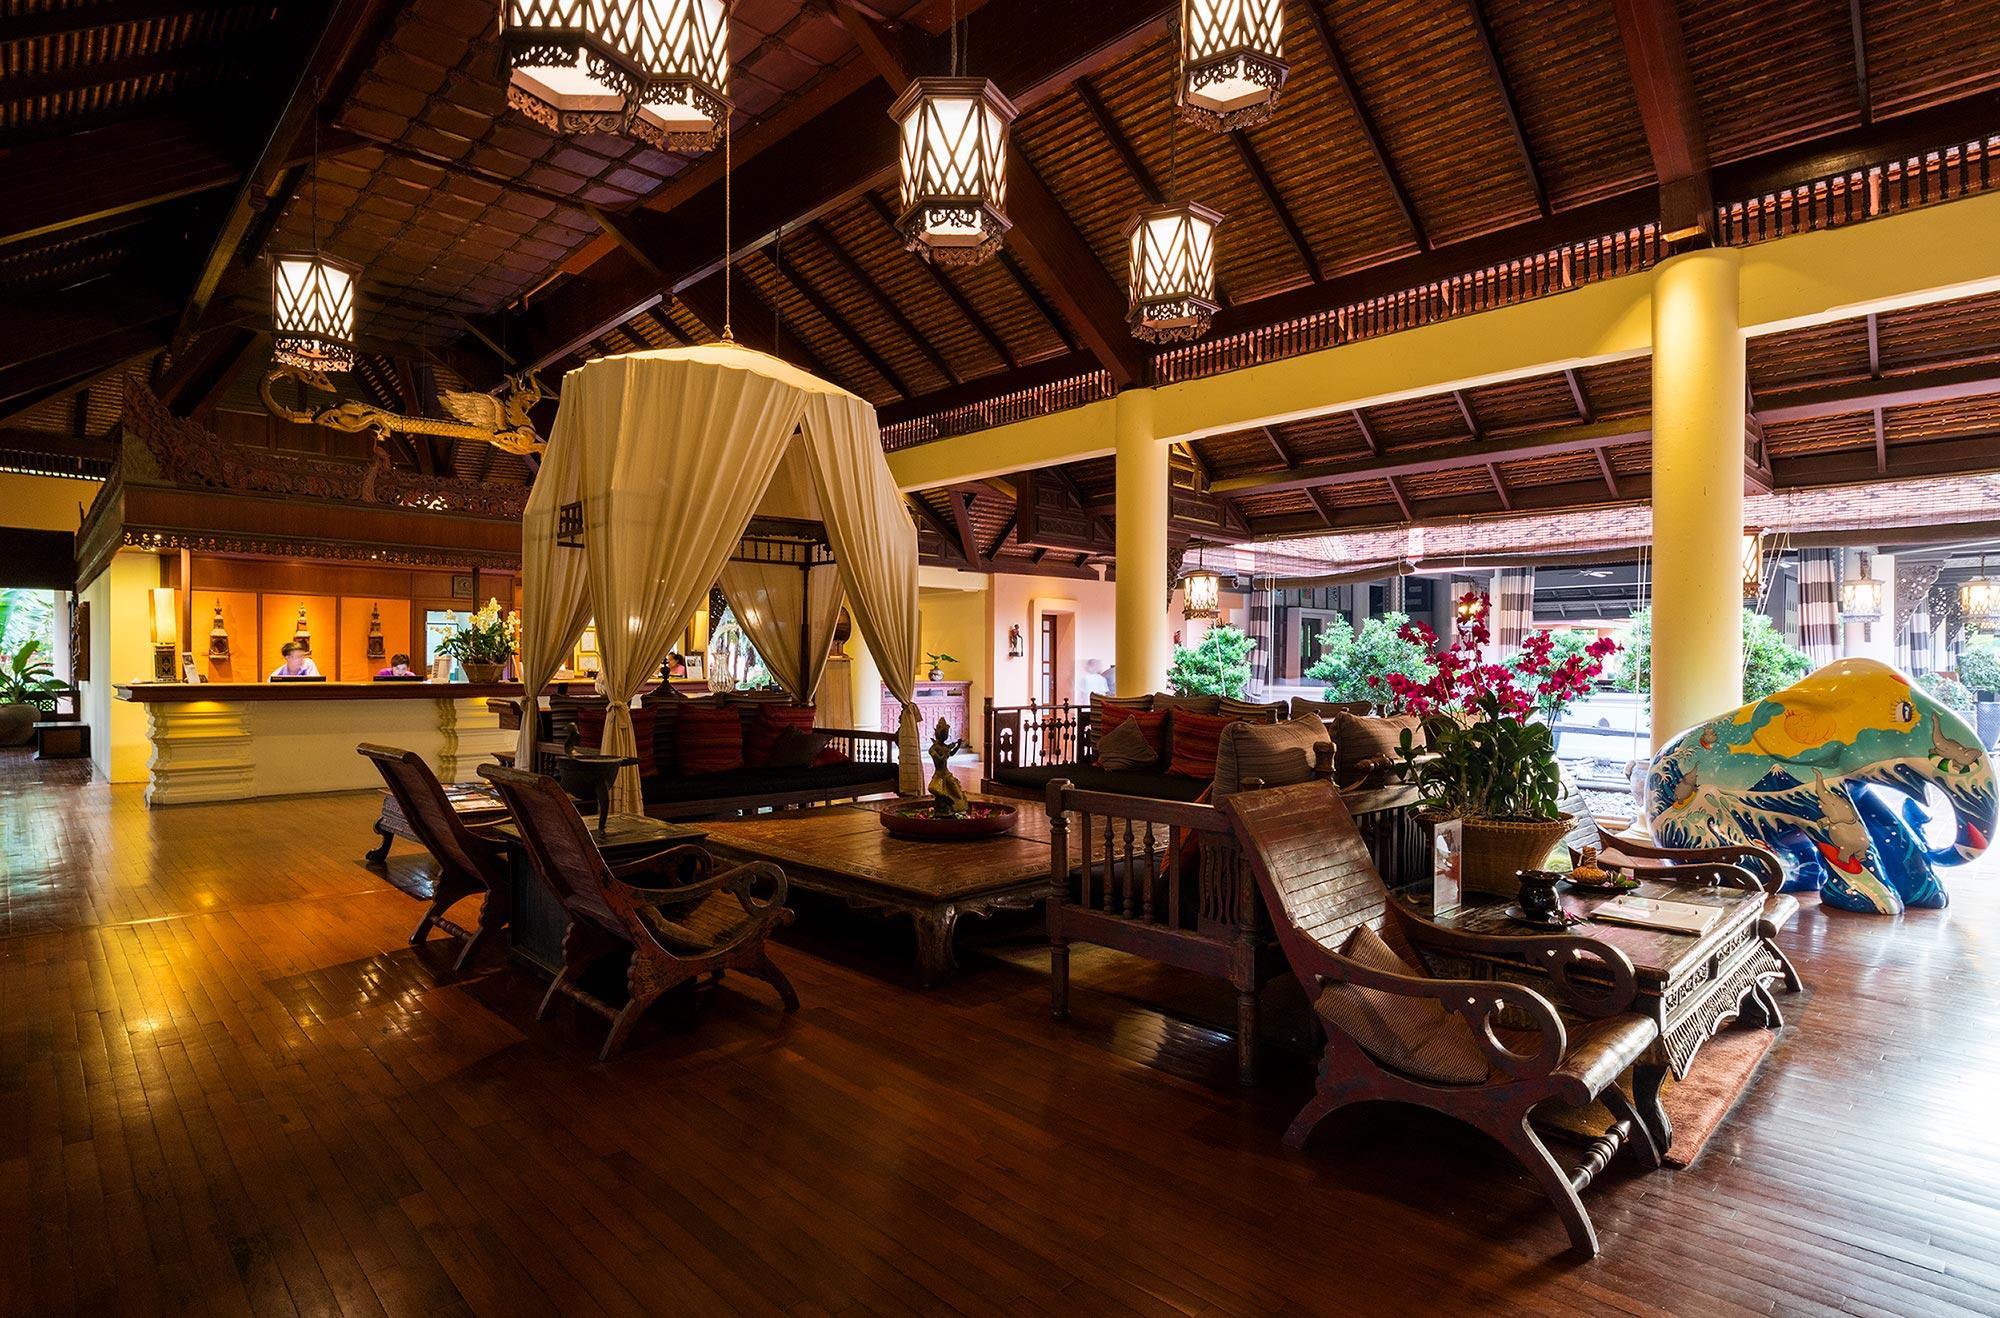 อนันตราหัวหิน รีสอร์ท (Anantara Hua Hin Resort)  อนันตราหัวหิน รีสอร์ท Anantara Hua Hin Resort IMG 2274